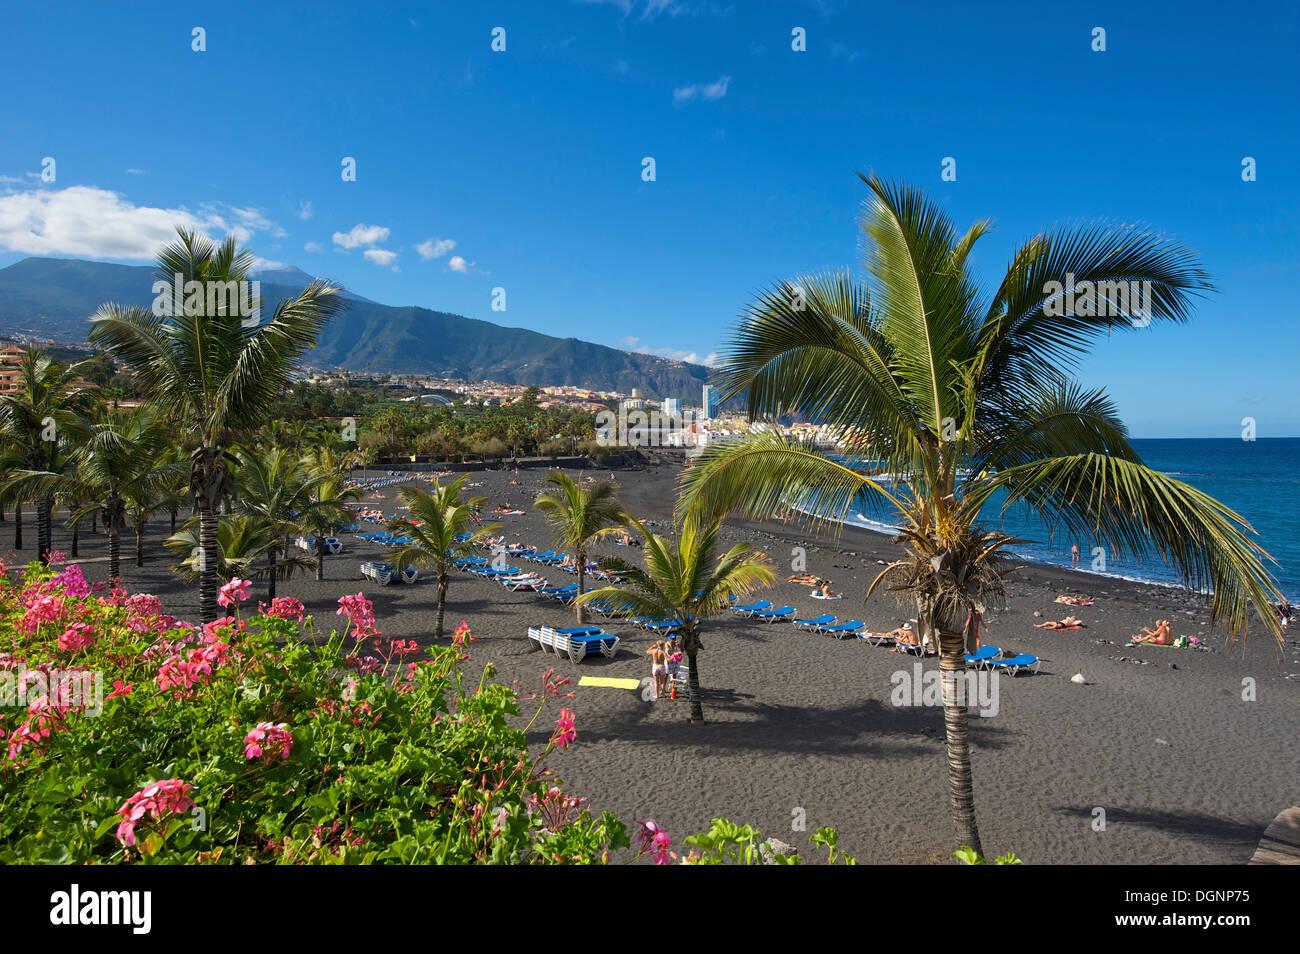 playa-playa-jardin-con-el-monte-teide-en